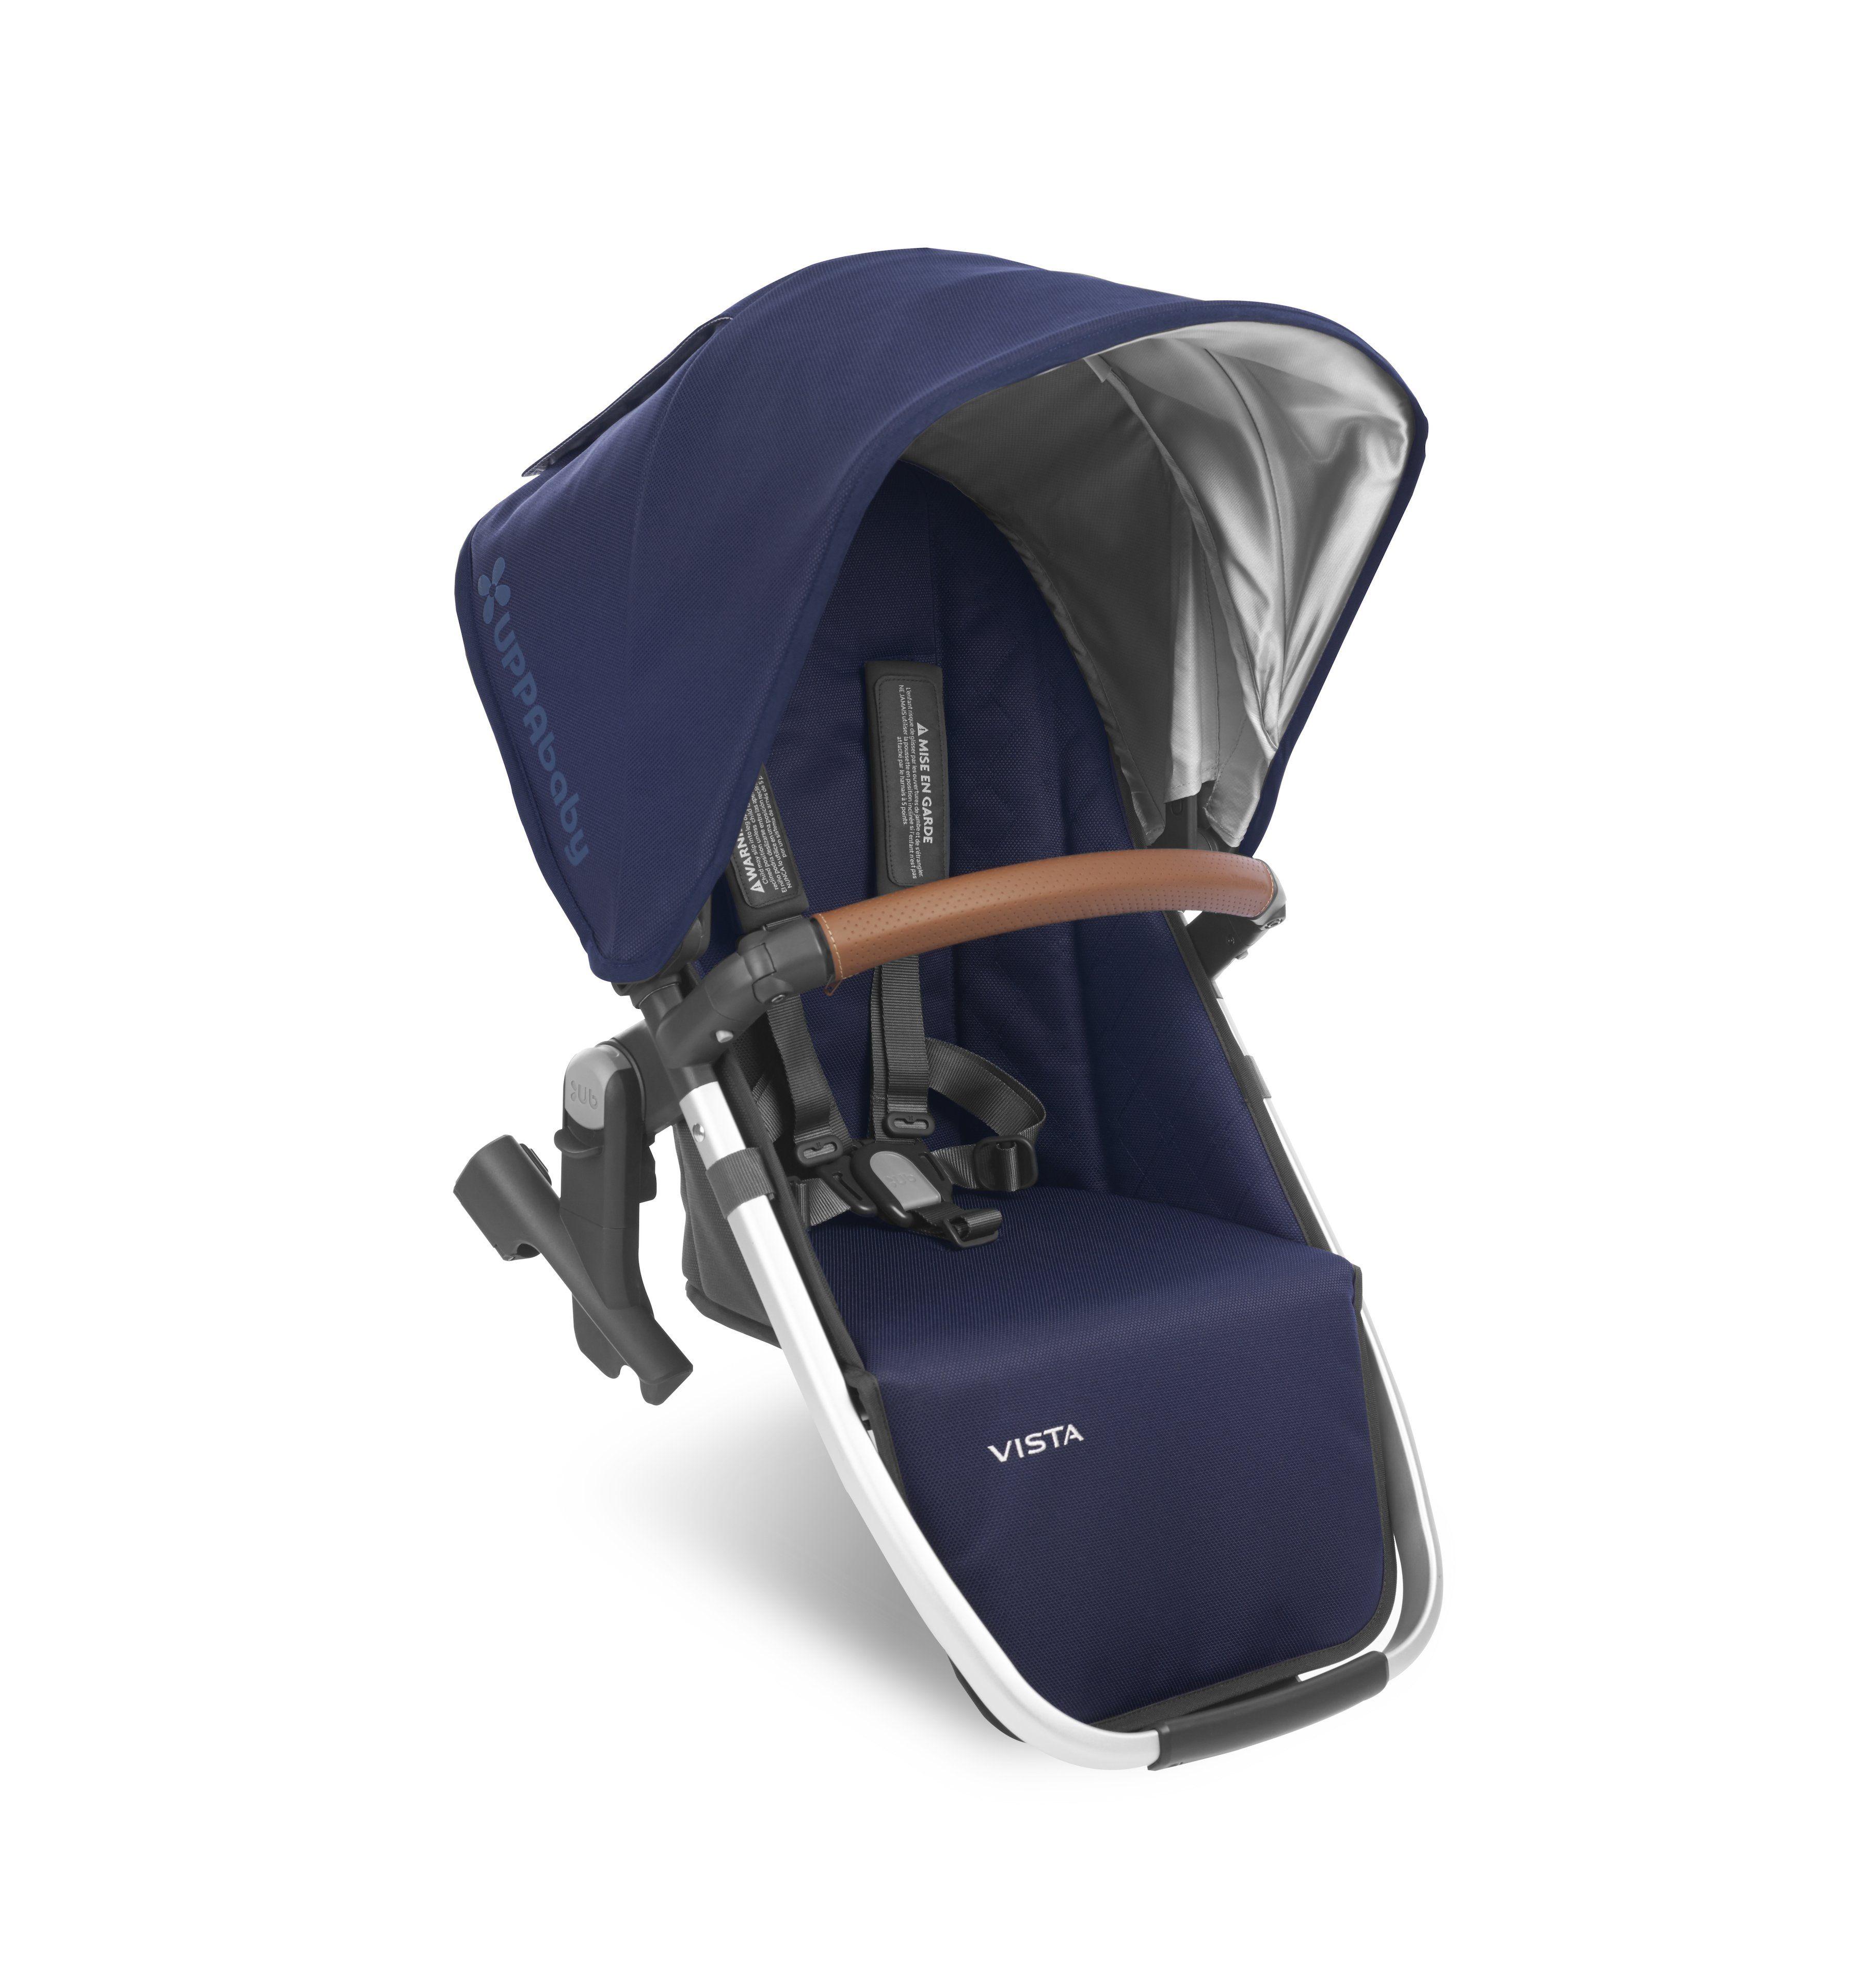 2019 UPPAbaby Vista Rumbleseat Vista stroller, Baby gear